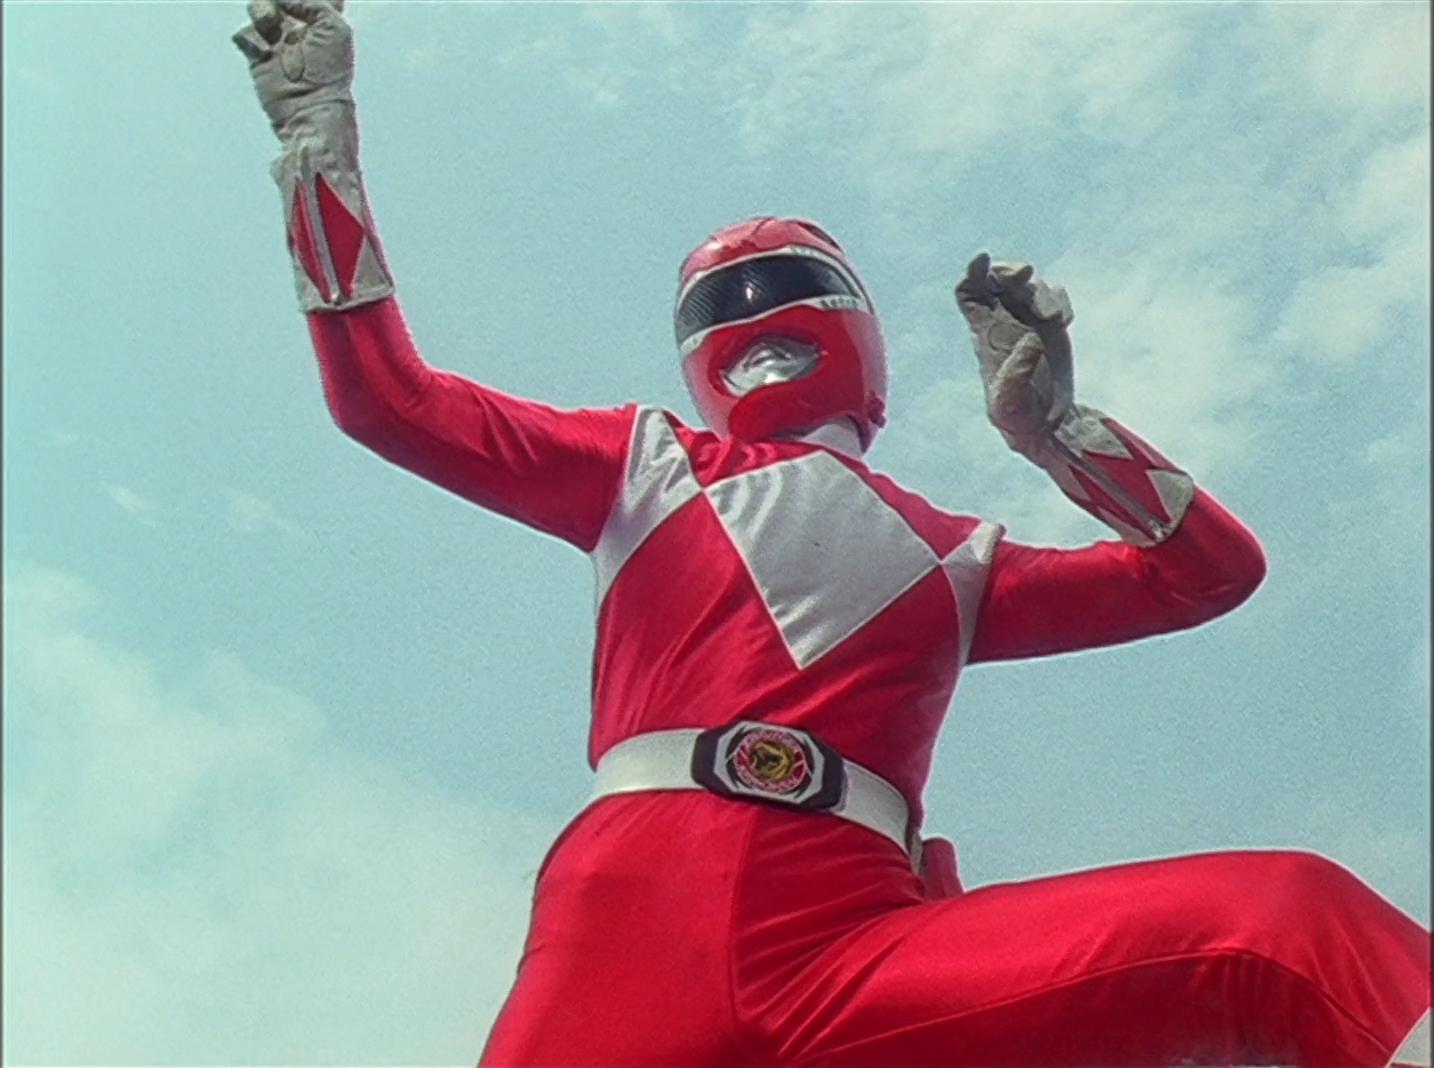 File:TyrannoRanger Gaoranger vs. Super Sentai.PNG